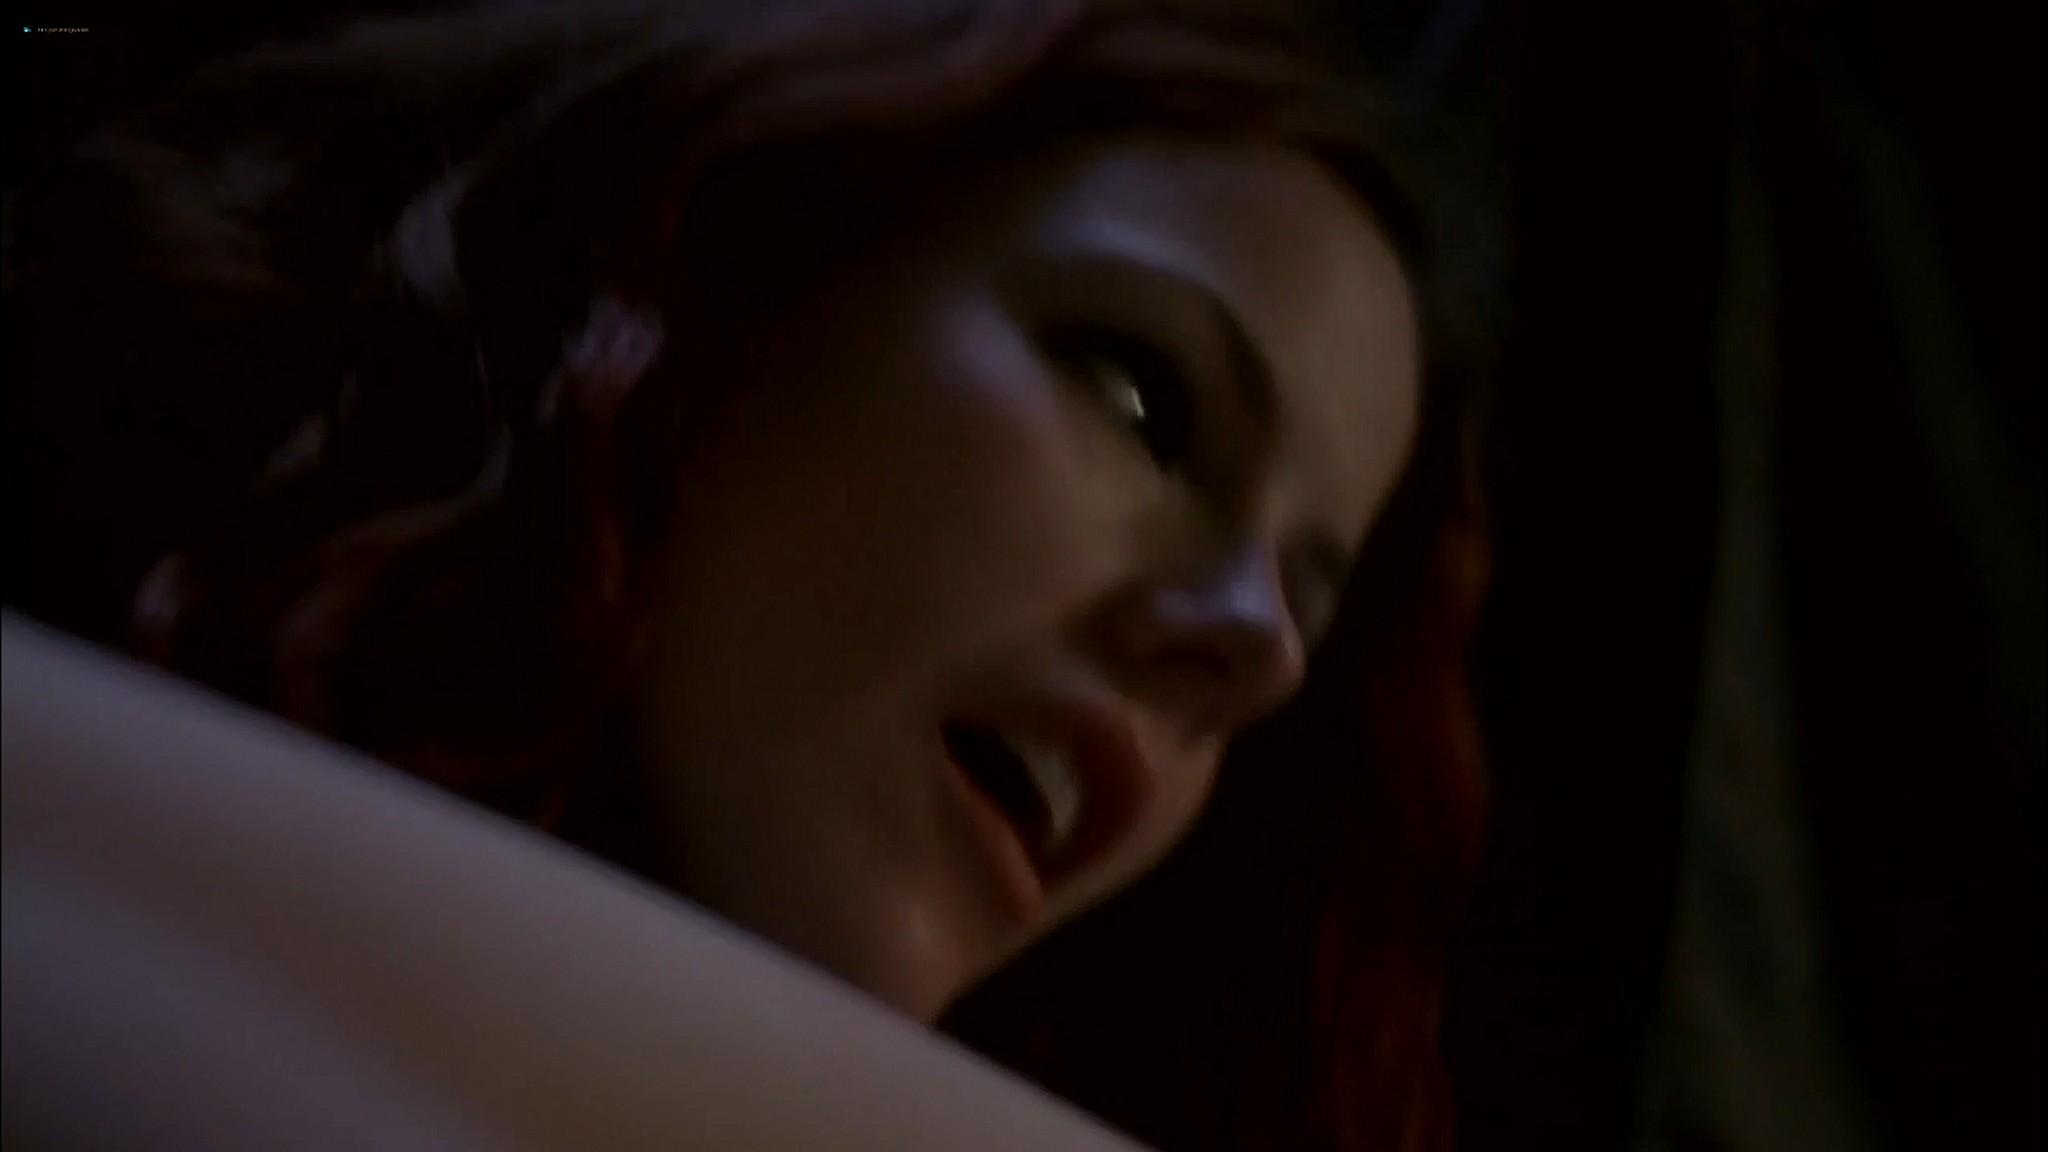 Kathleen Robertson sex threesome Maya Stange nude XX XY 2002 720p Web 10